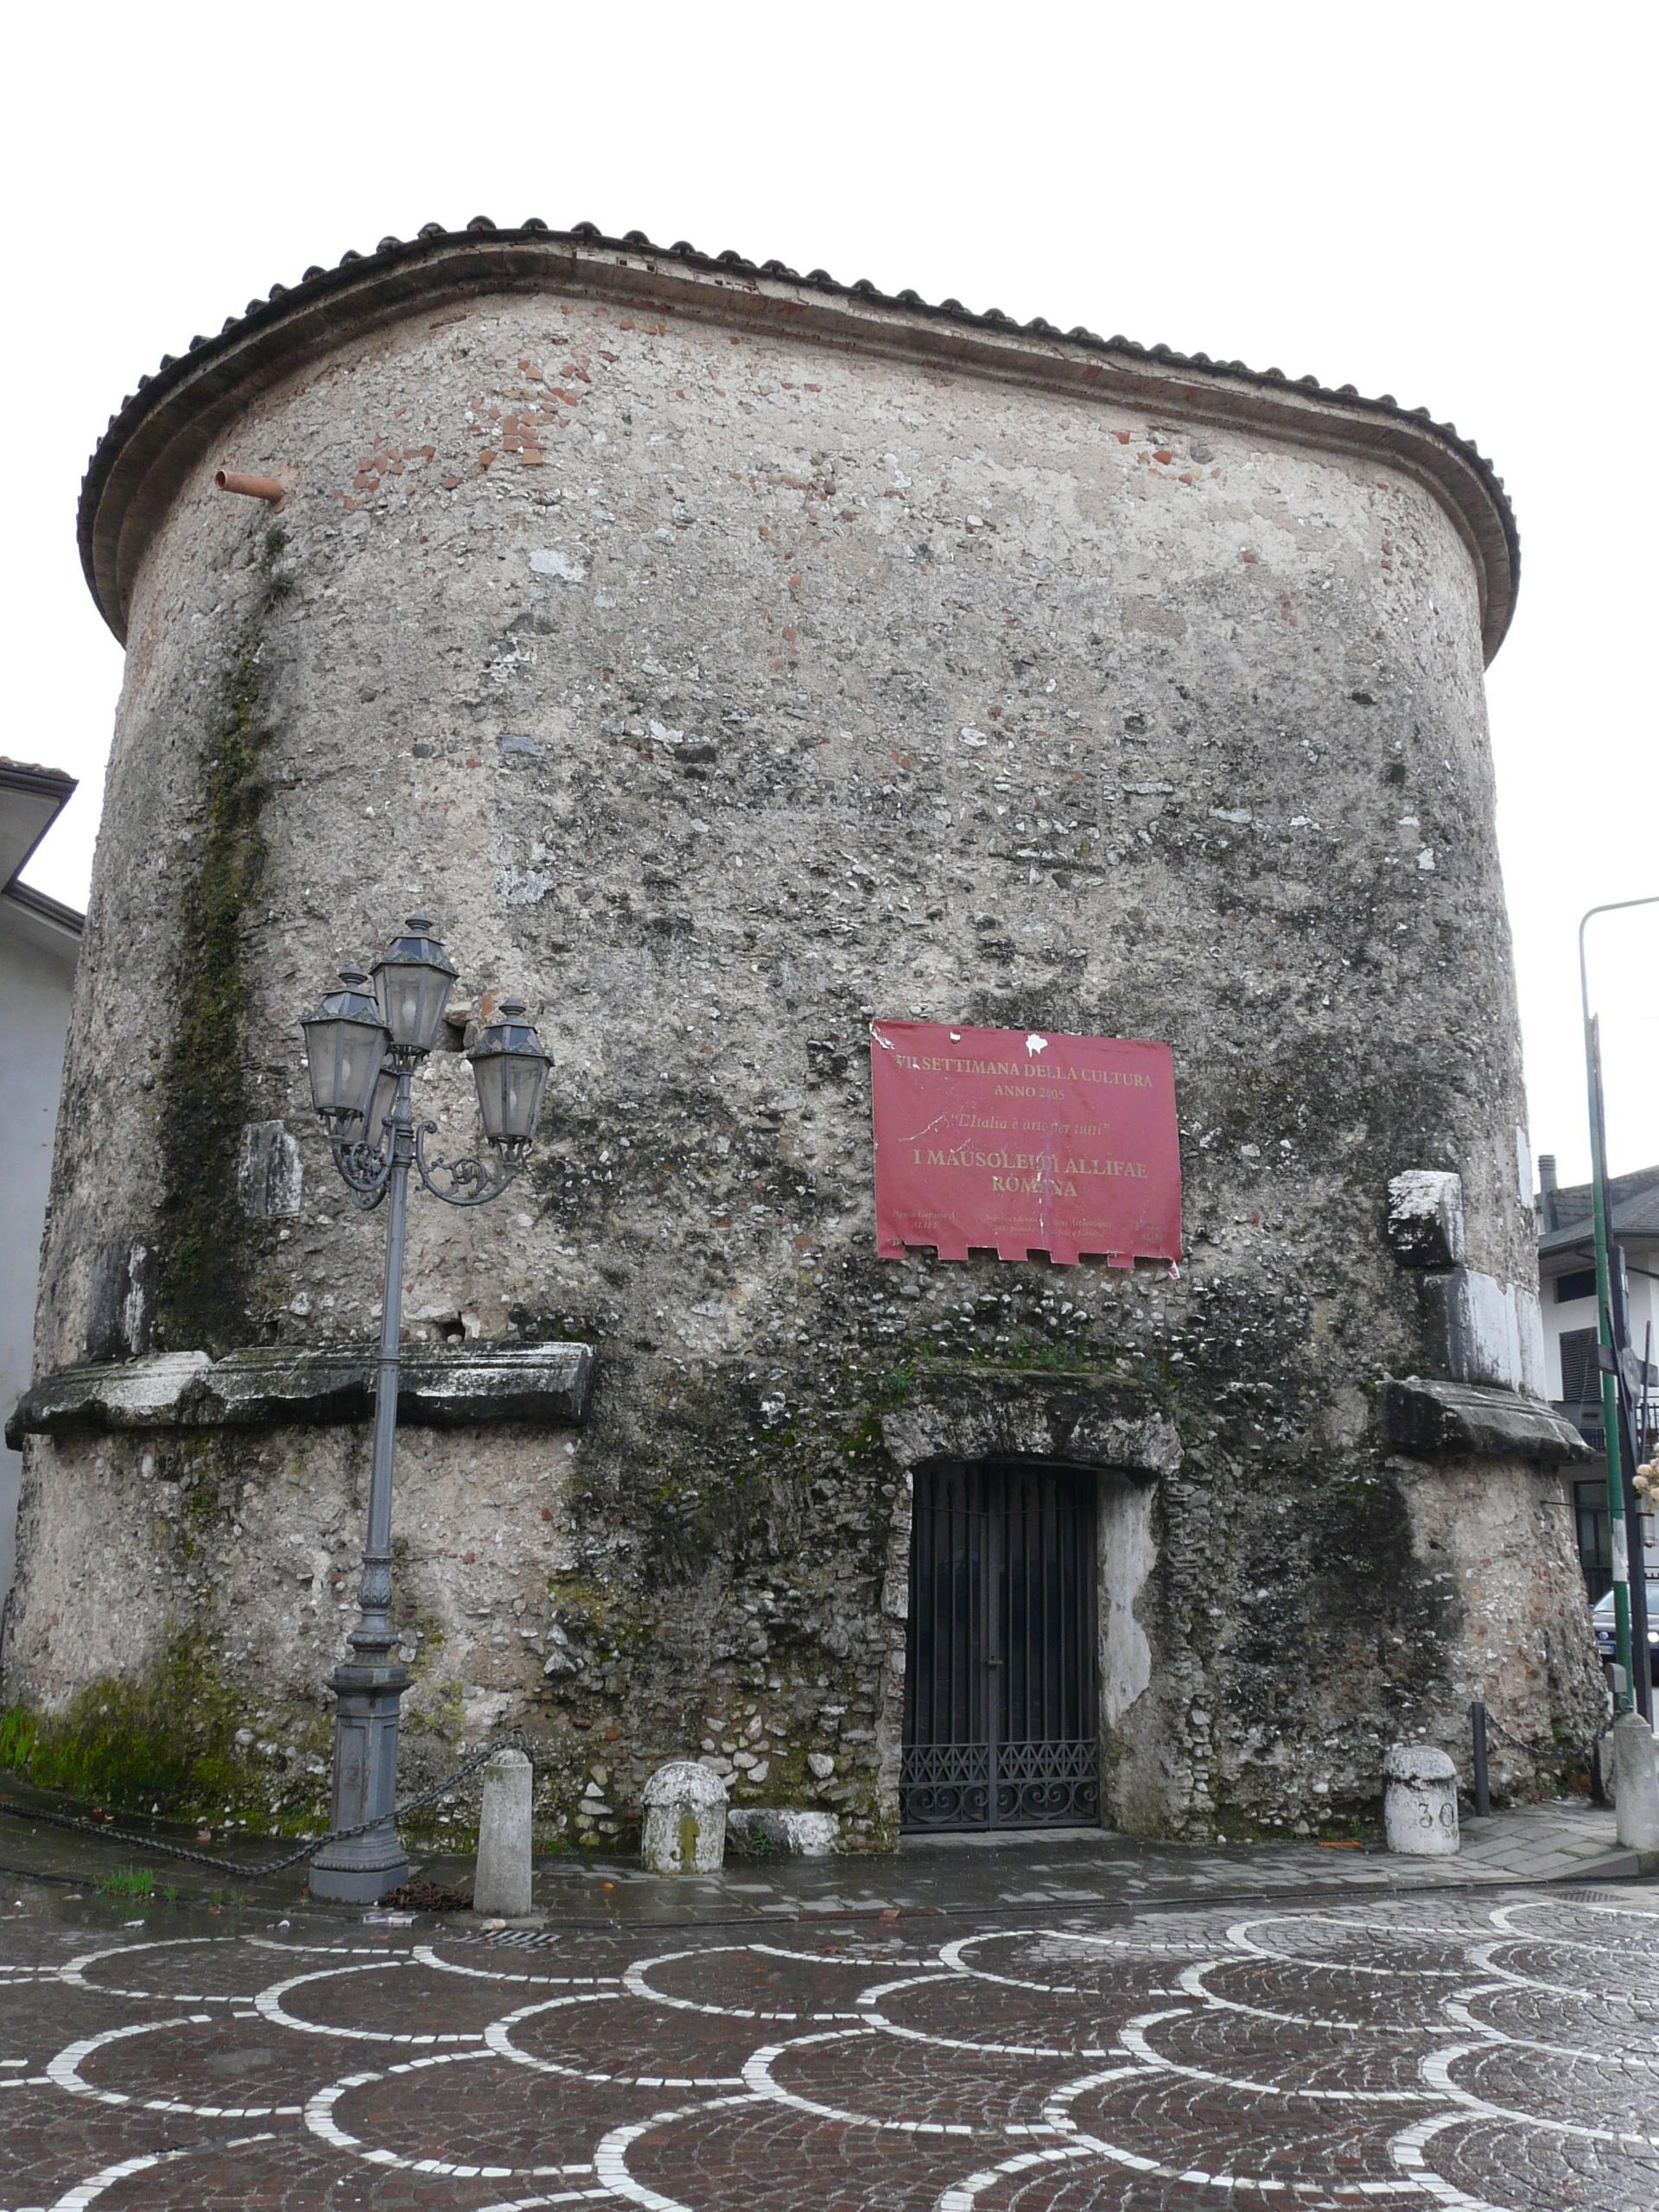 Il mausoleo di alife guida turistica del matese - Caruso porta romana ...